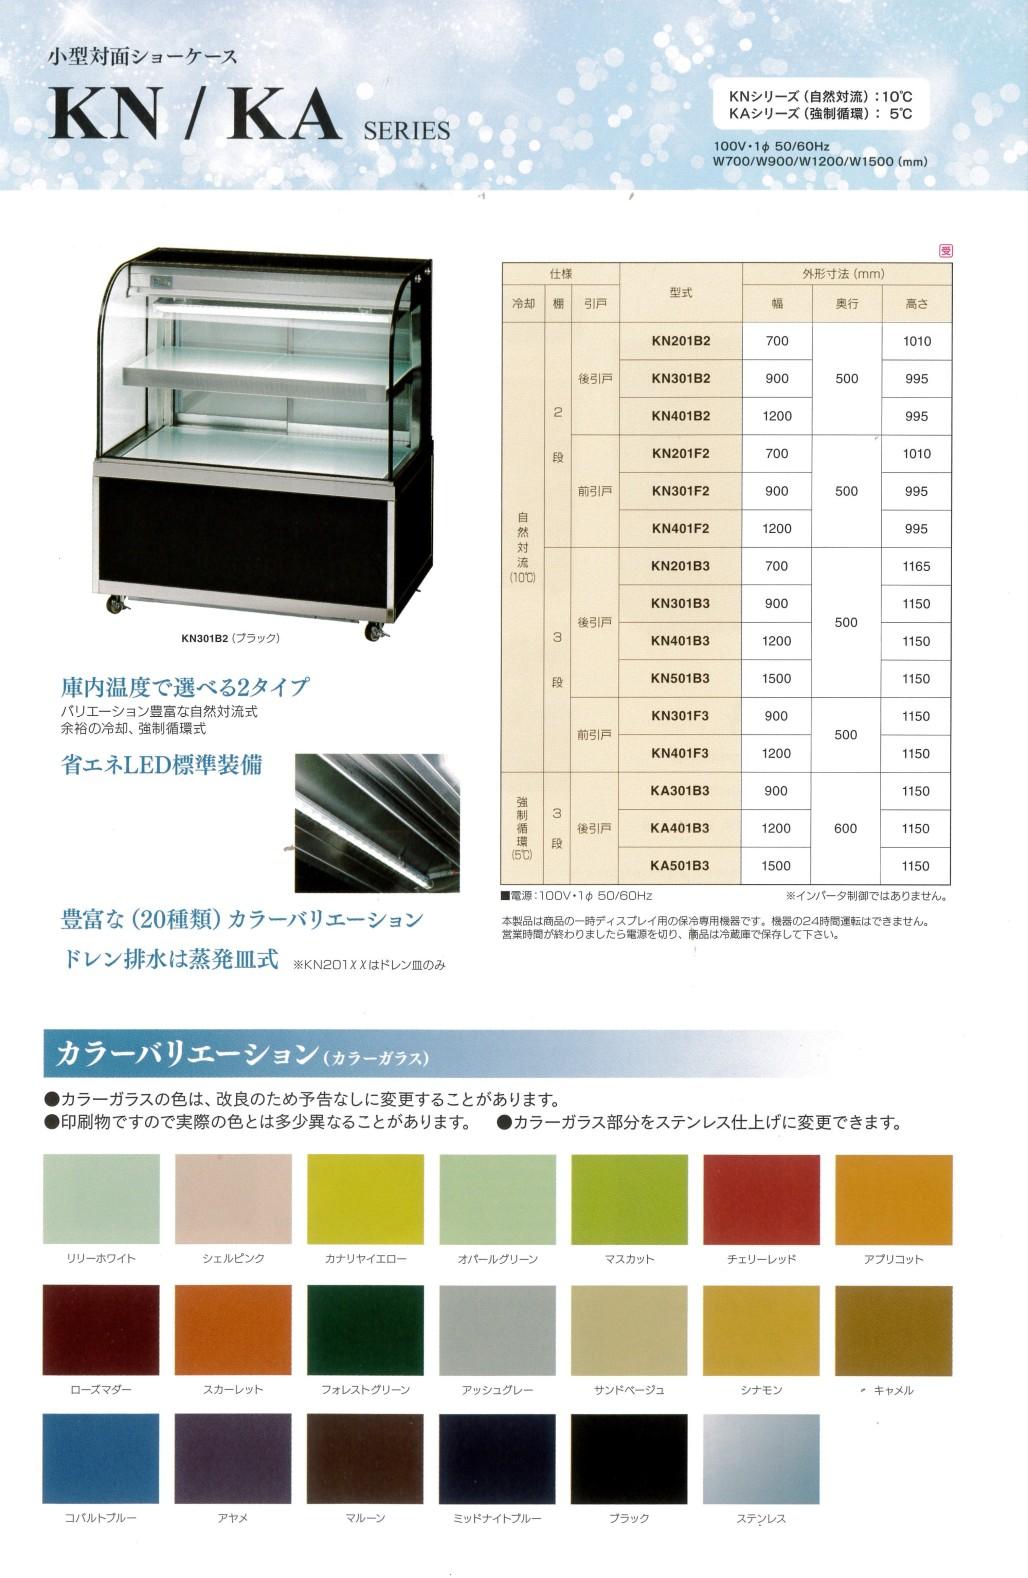 【ダイワ】【業務用】【新品】 対面冷蔵ショーケース KA401B3 単相100V